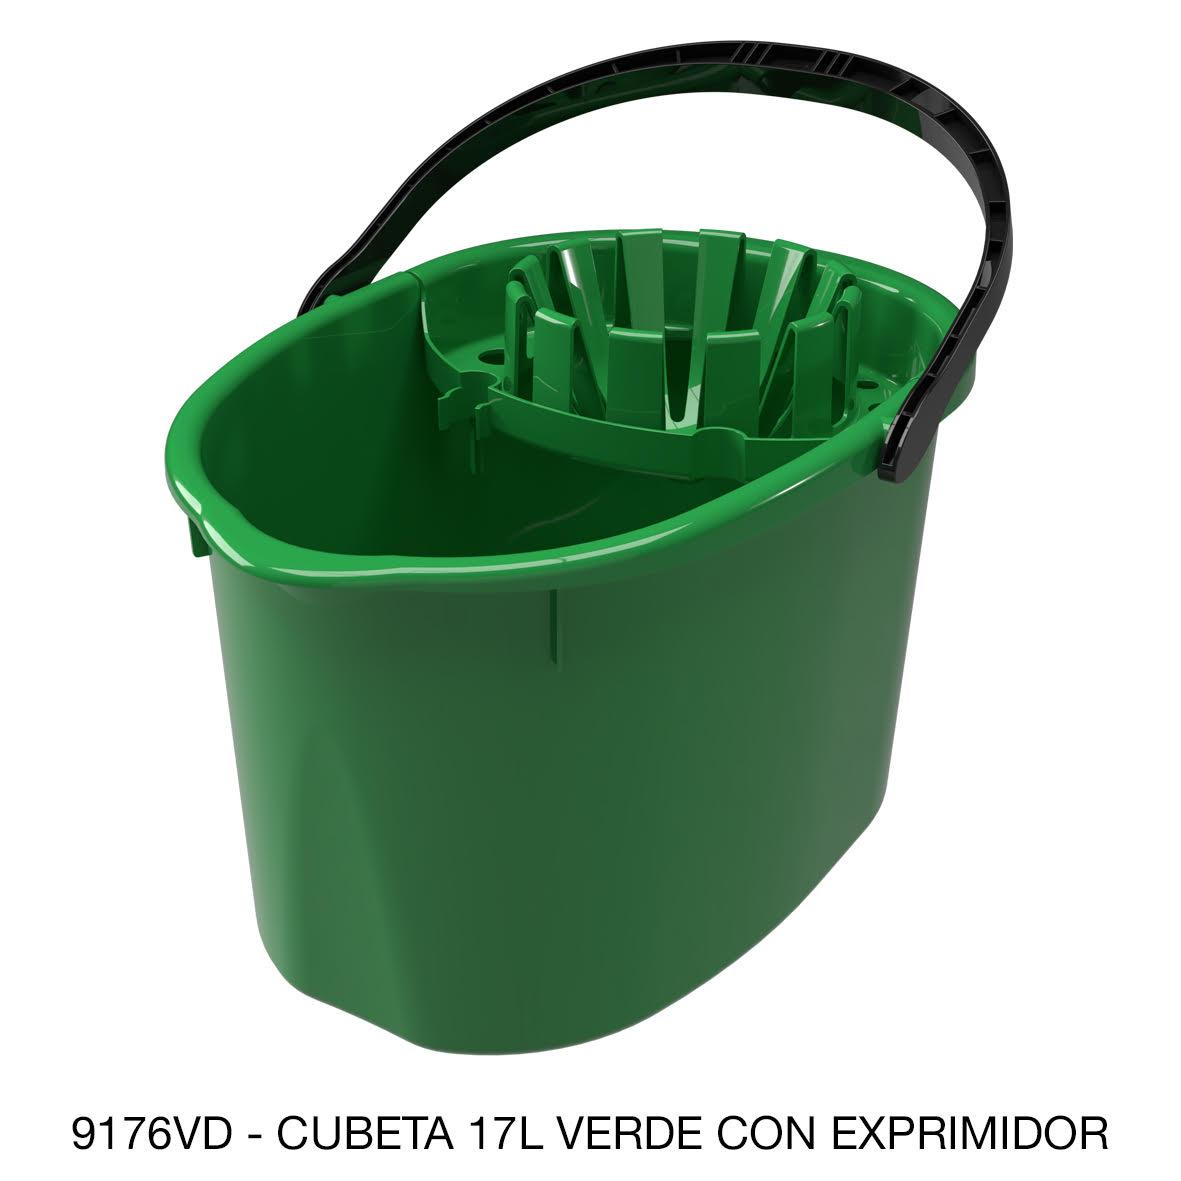 Cubeta de 17 litros con exprimidor color verde modelo 9176VD de Sablón